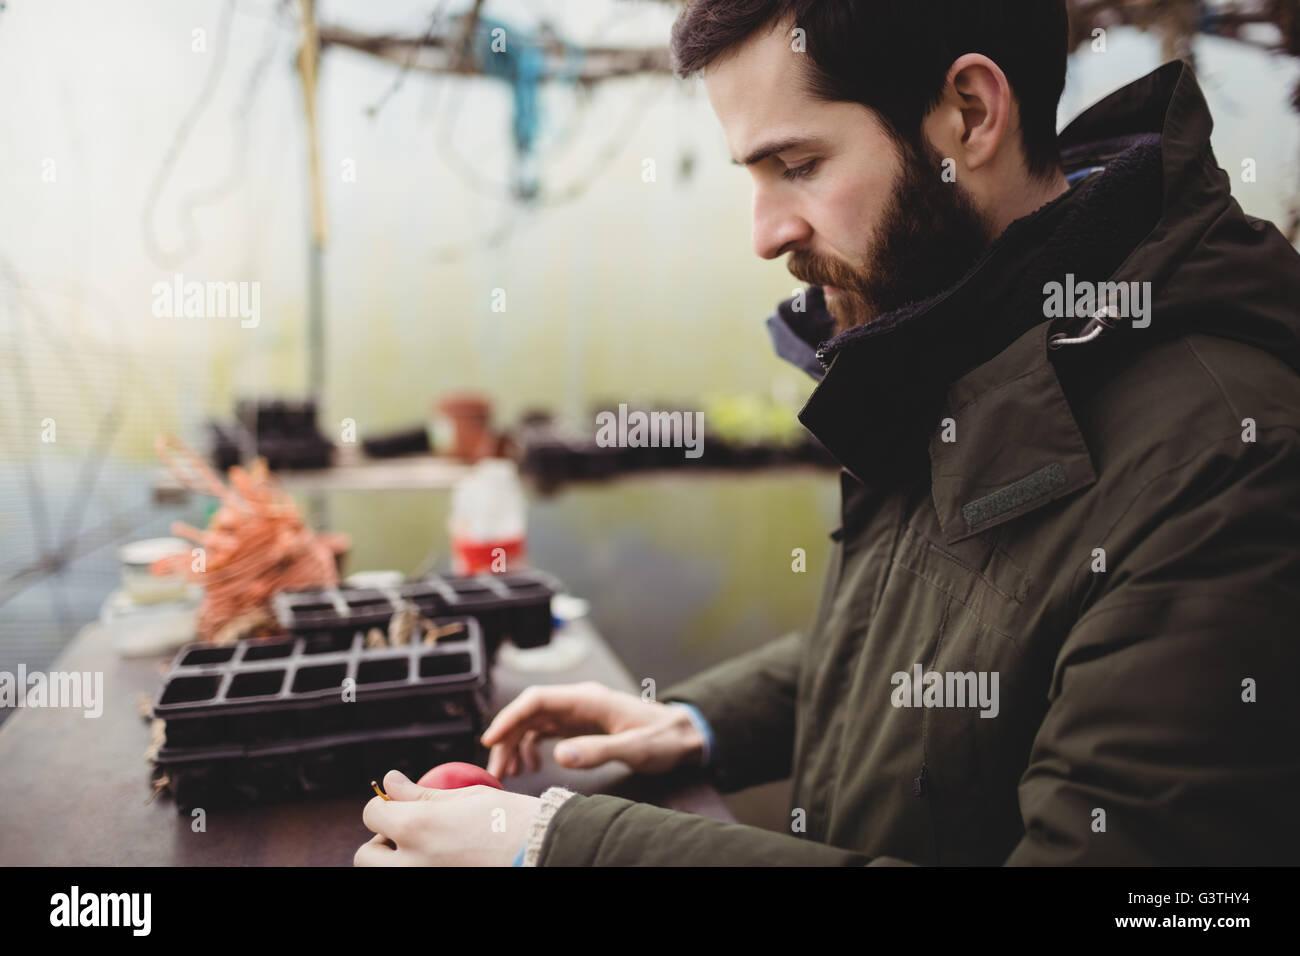 Ver perfil de hipster hombre jardinería Imagen De Stock